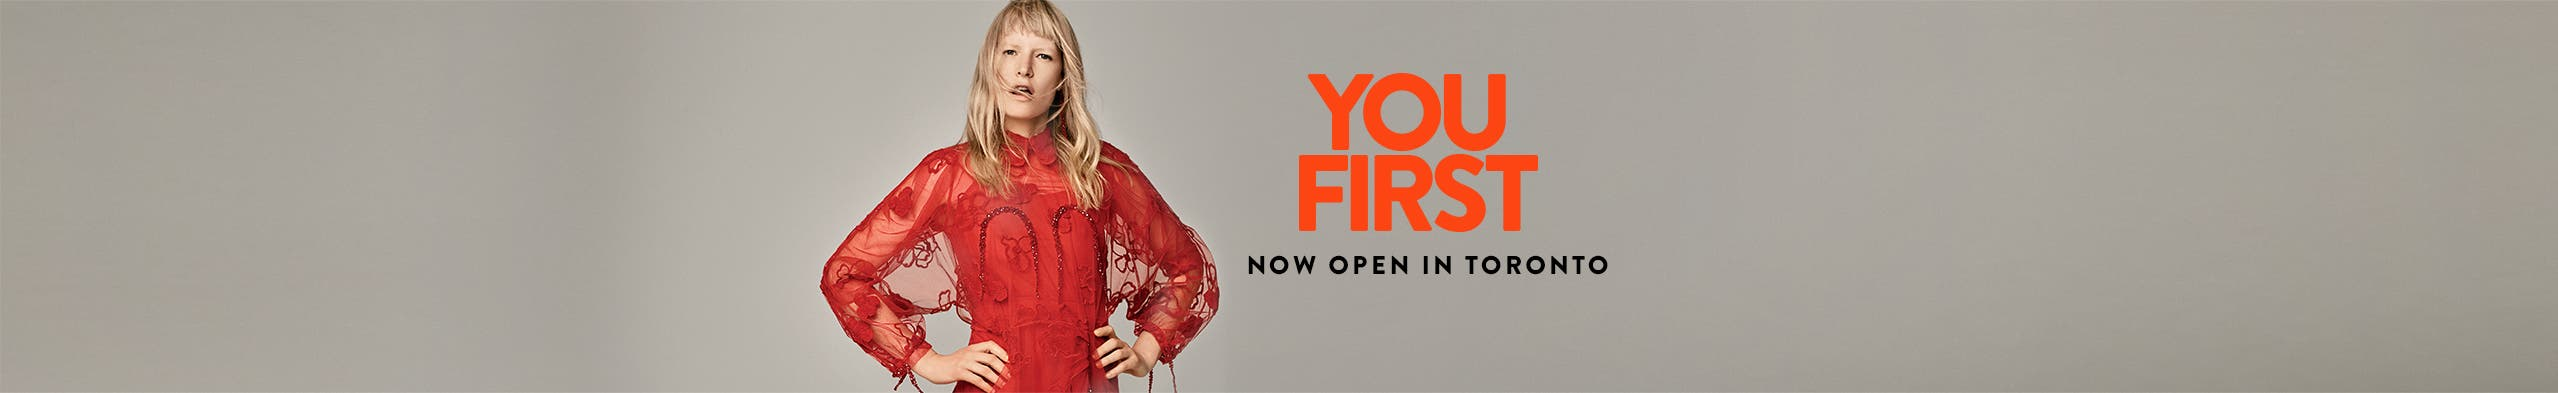 Nordstrom is now open in Toronto.